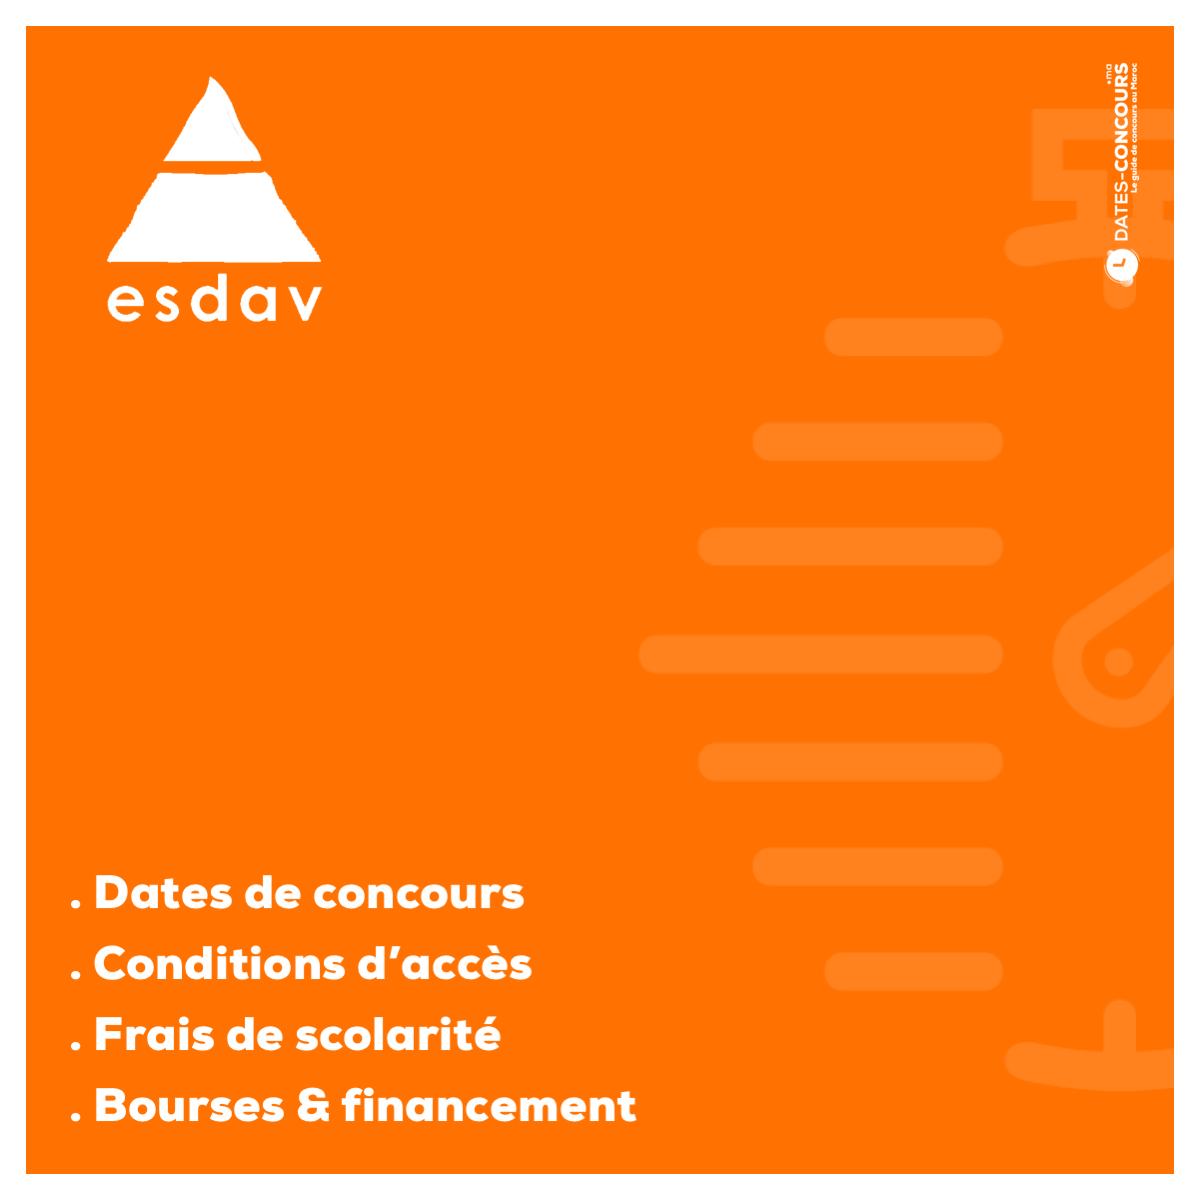 ESDAV - Dates-concours.ma